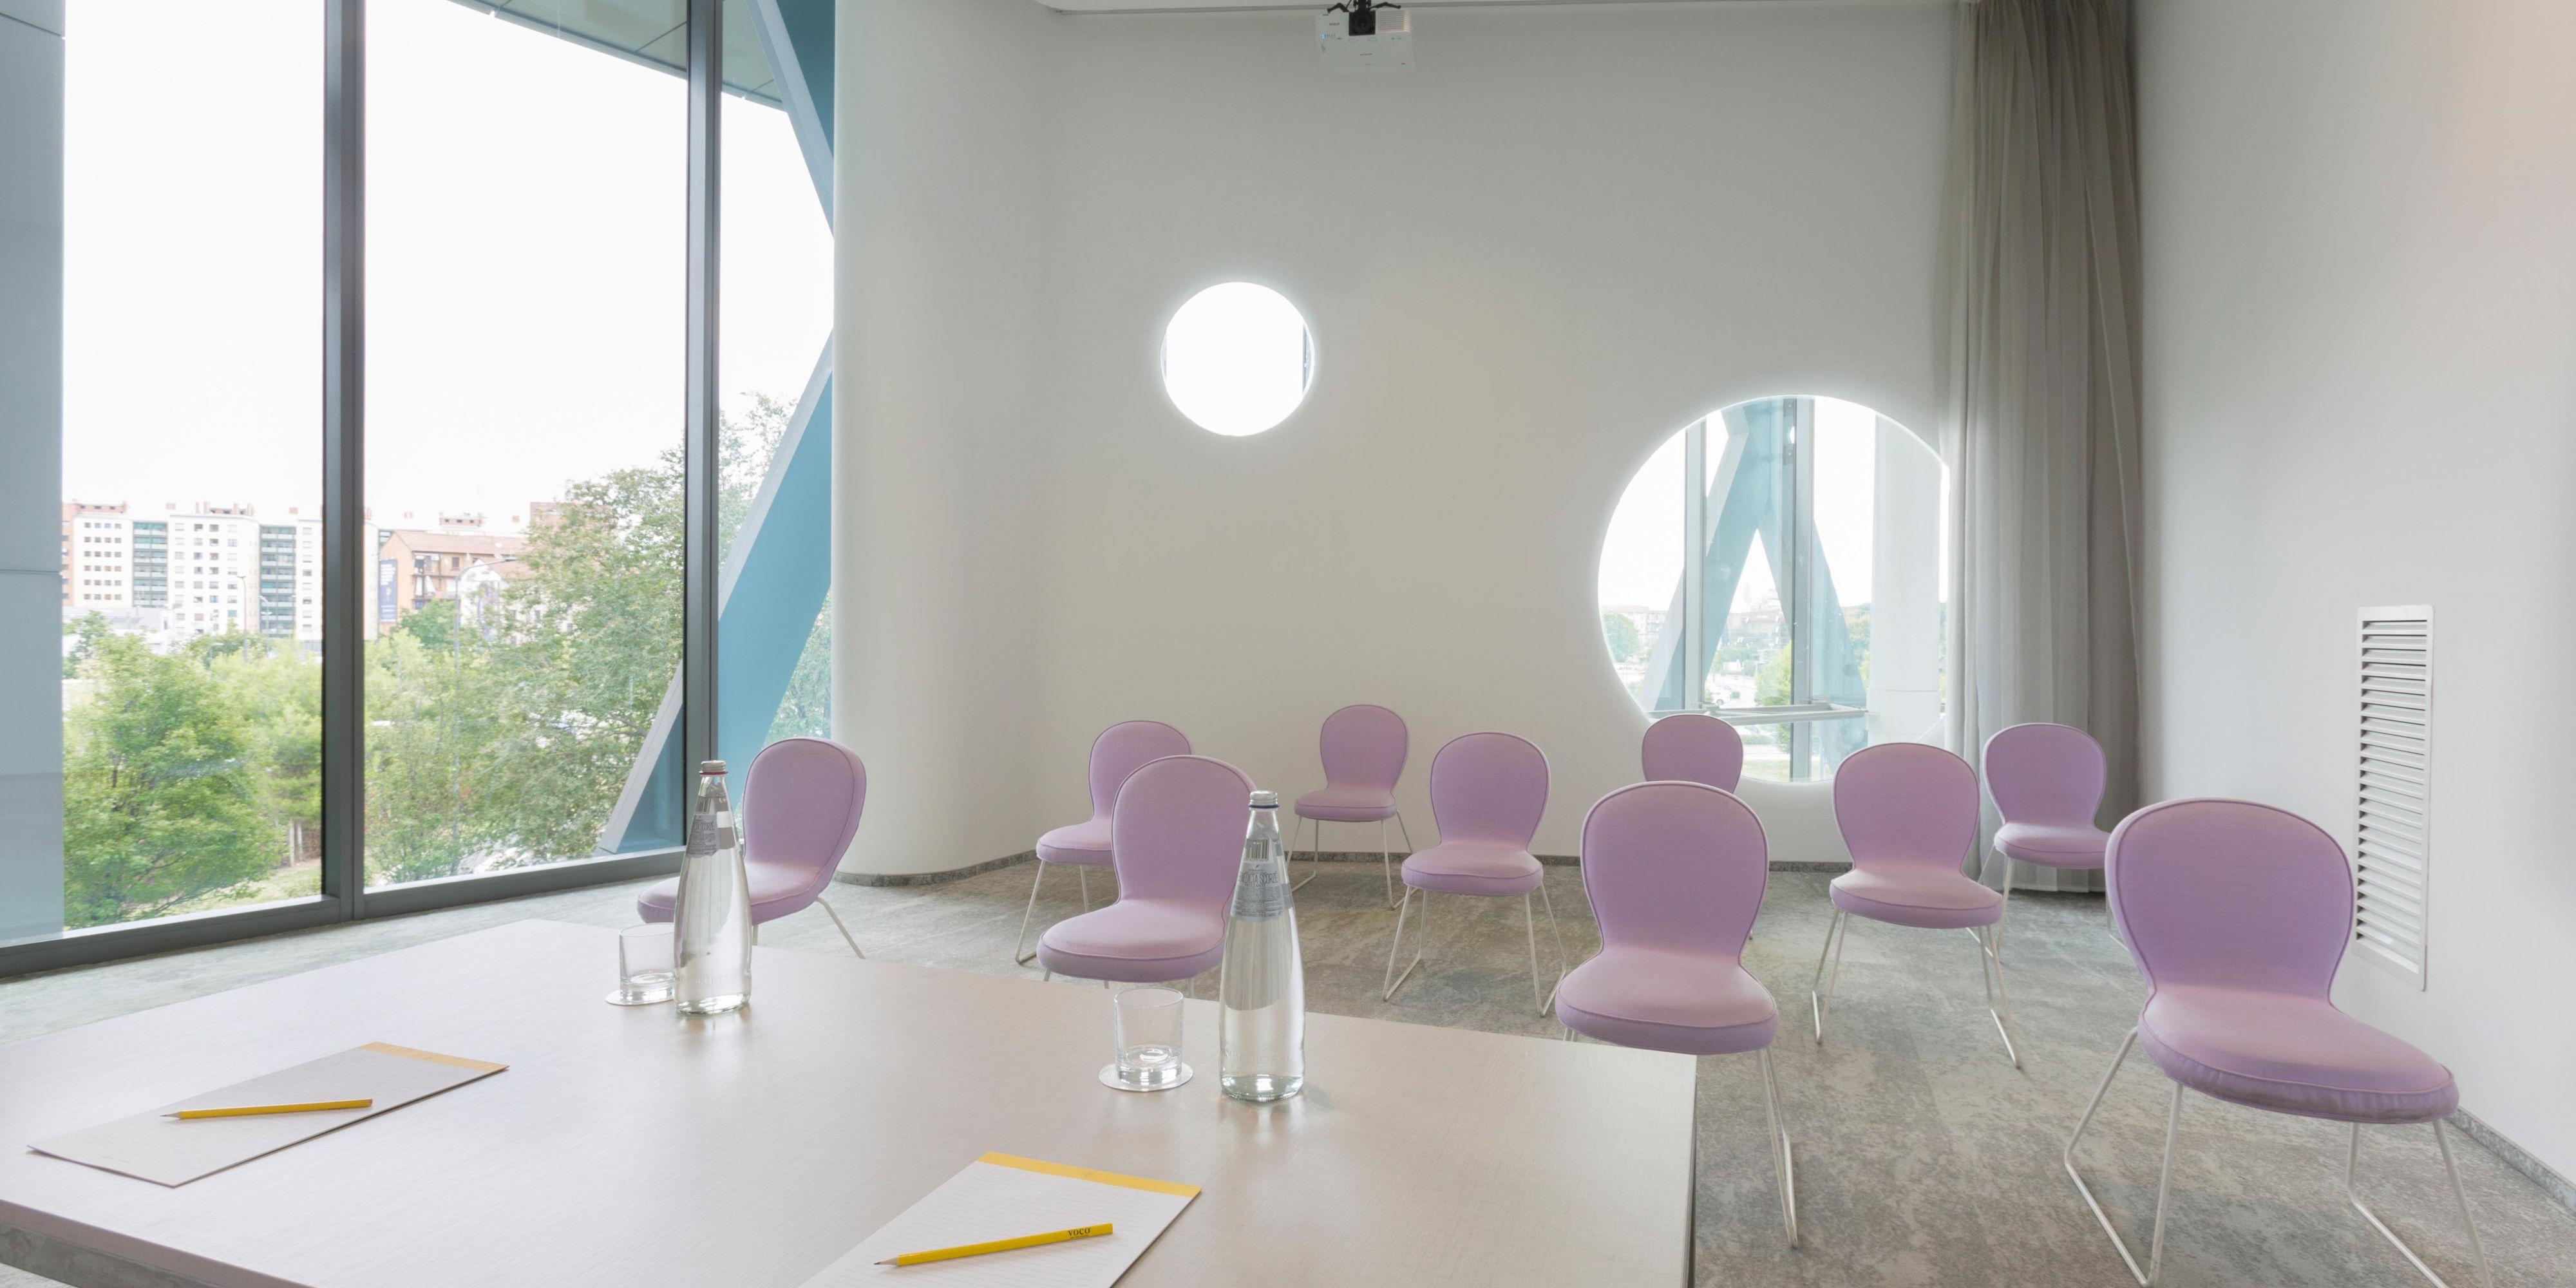 Space 6 Meeting Room